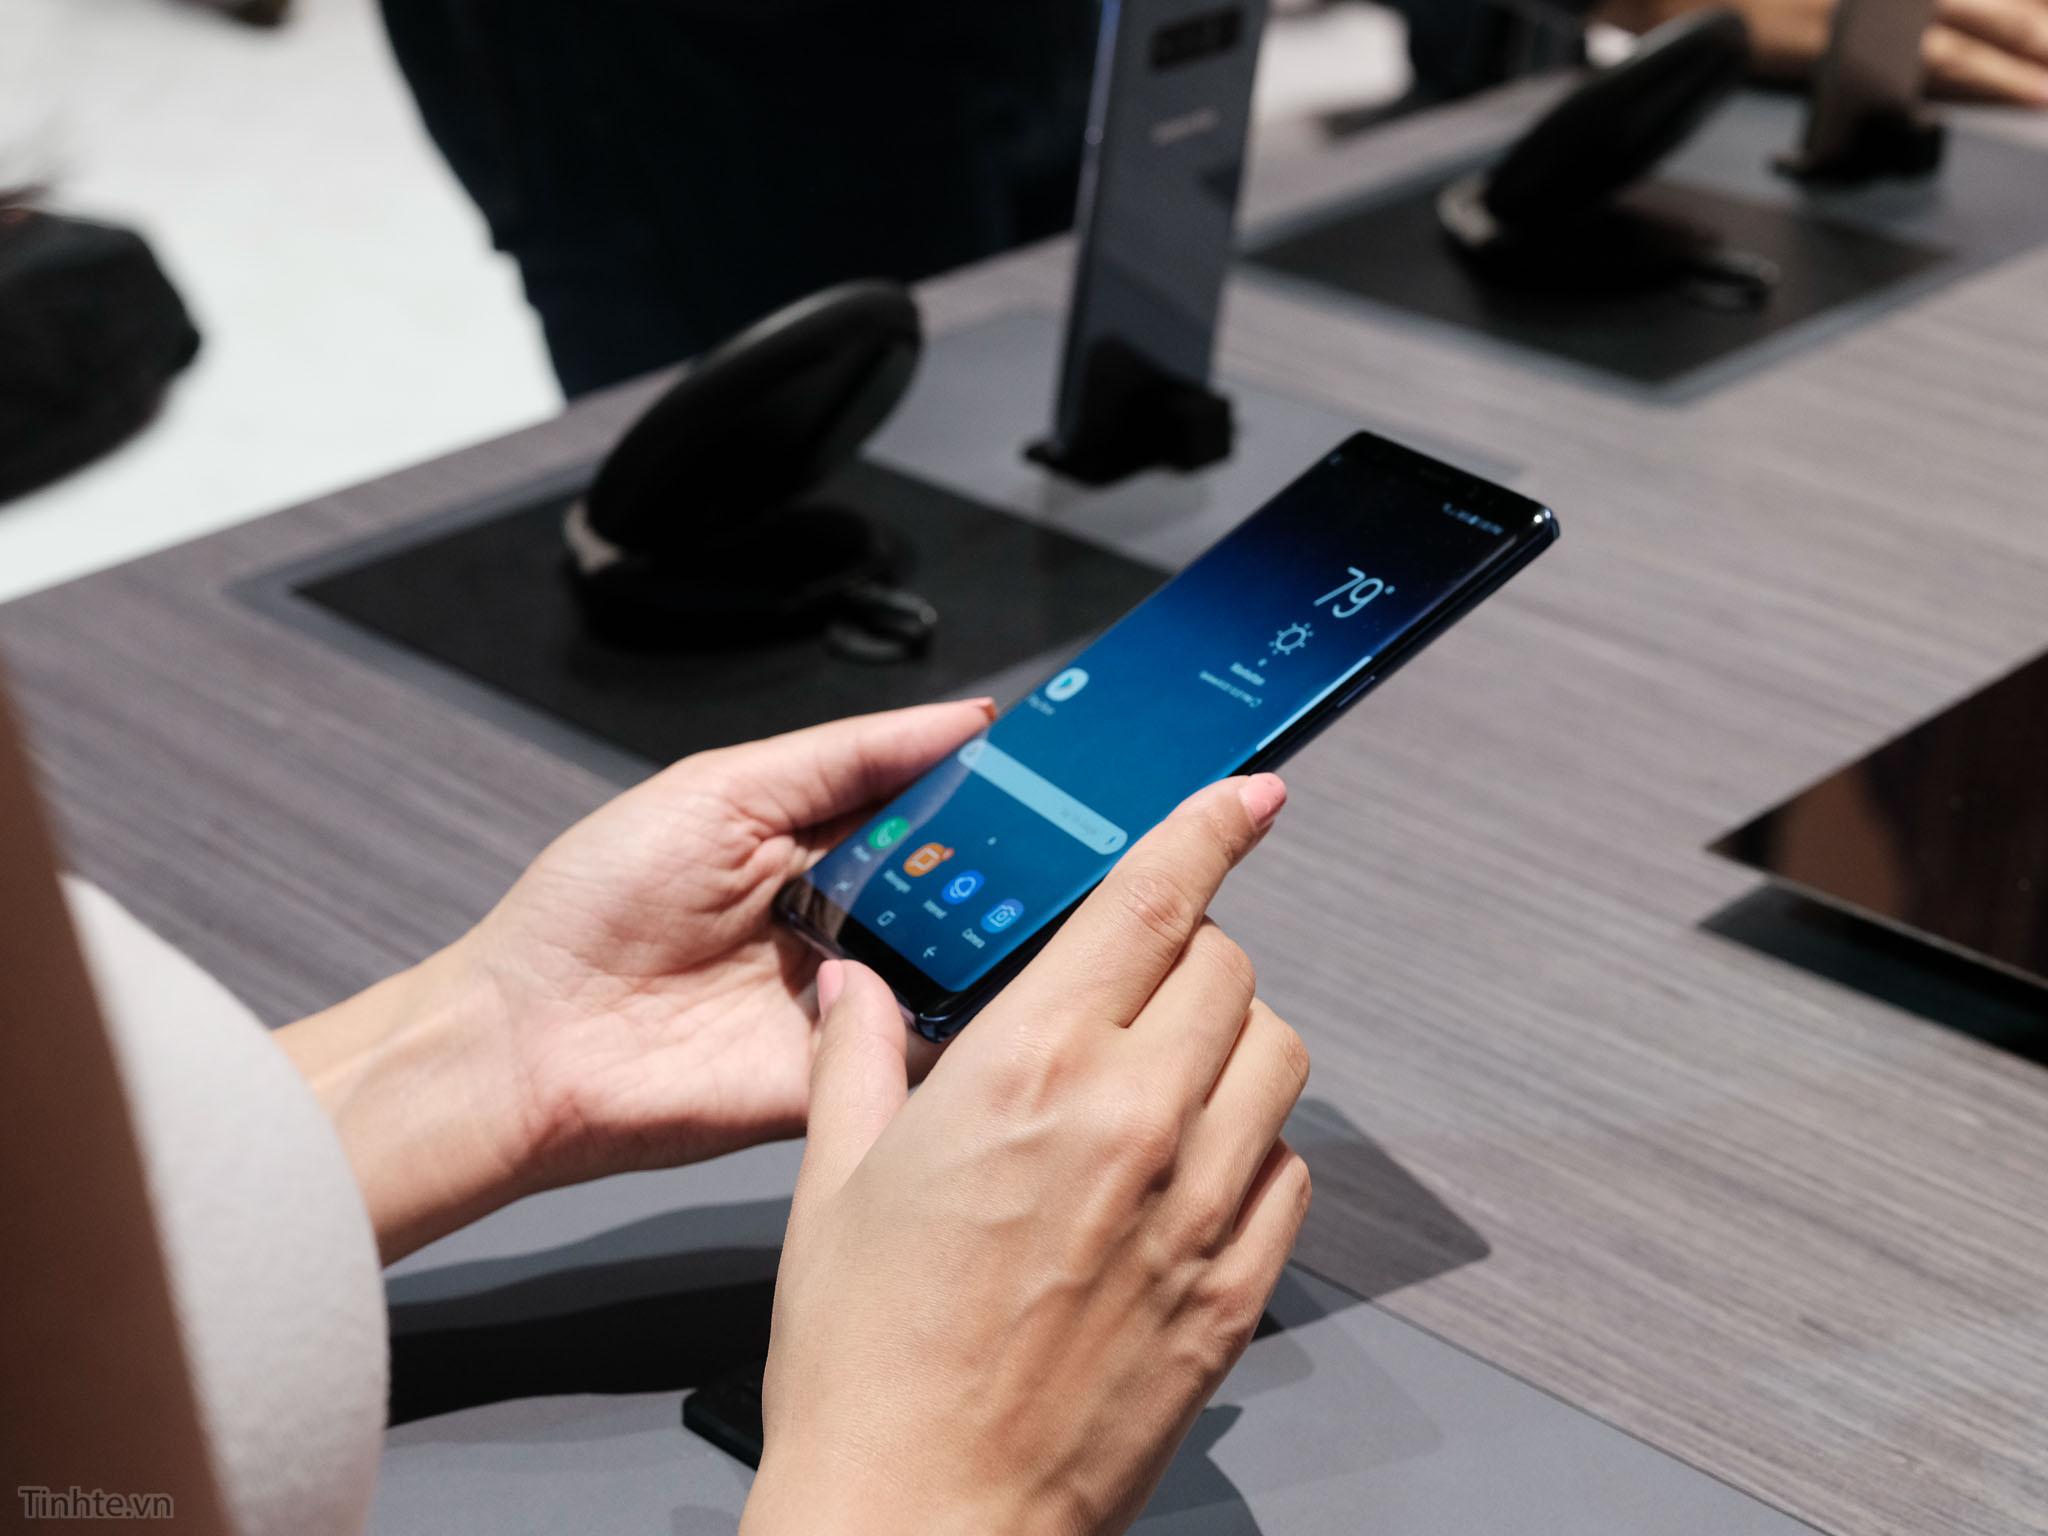 Samsung_Galaxy_Note_8_tinhte.vn-16.jpg